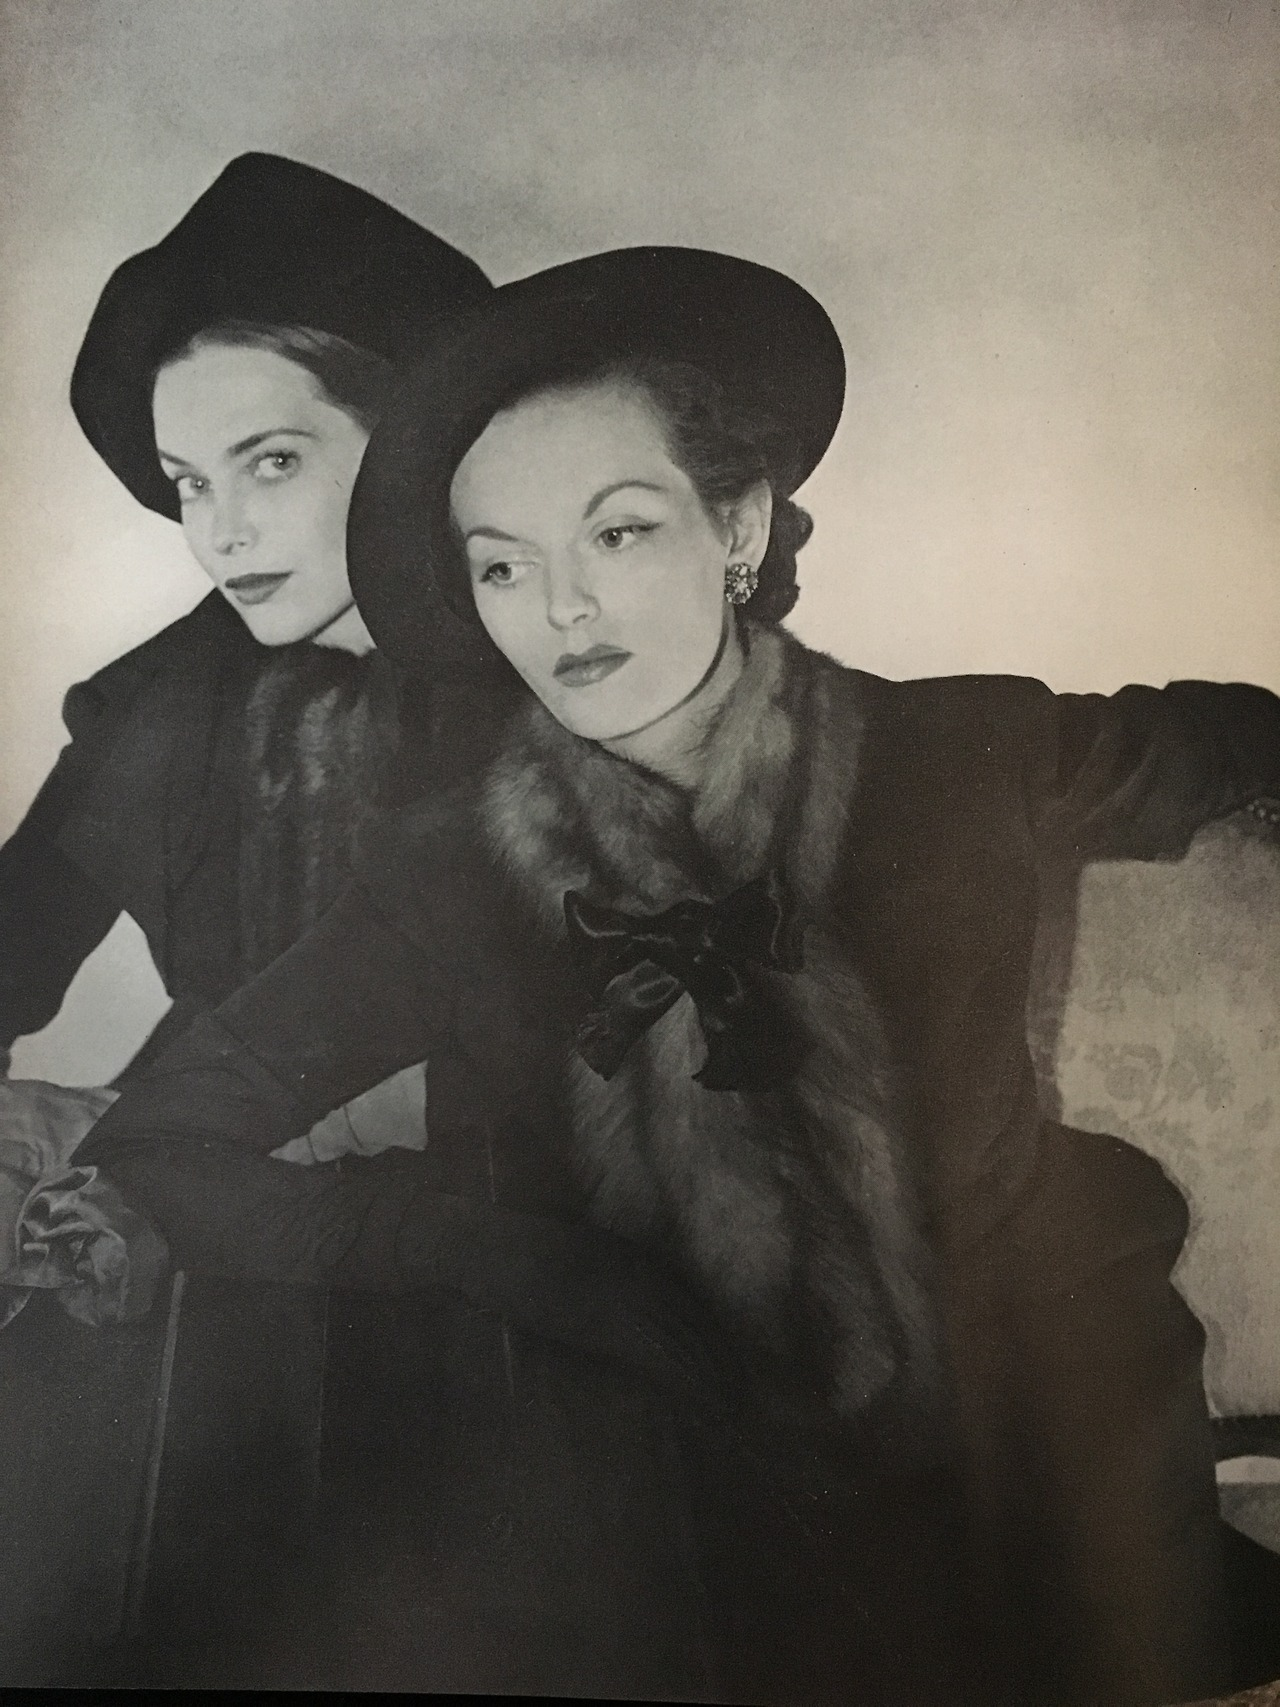 Velvet hats - fur ascots.   Vogue. August 1, 1947.